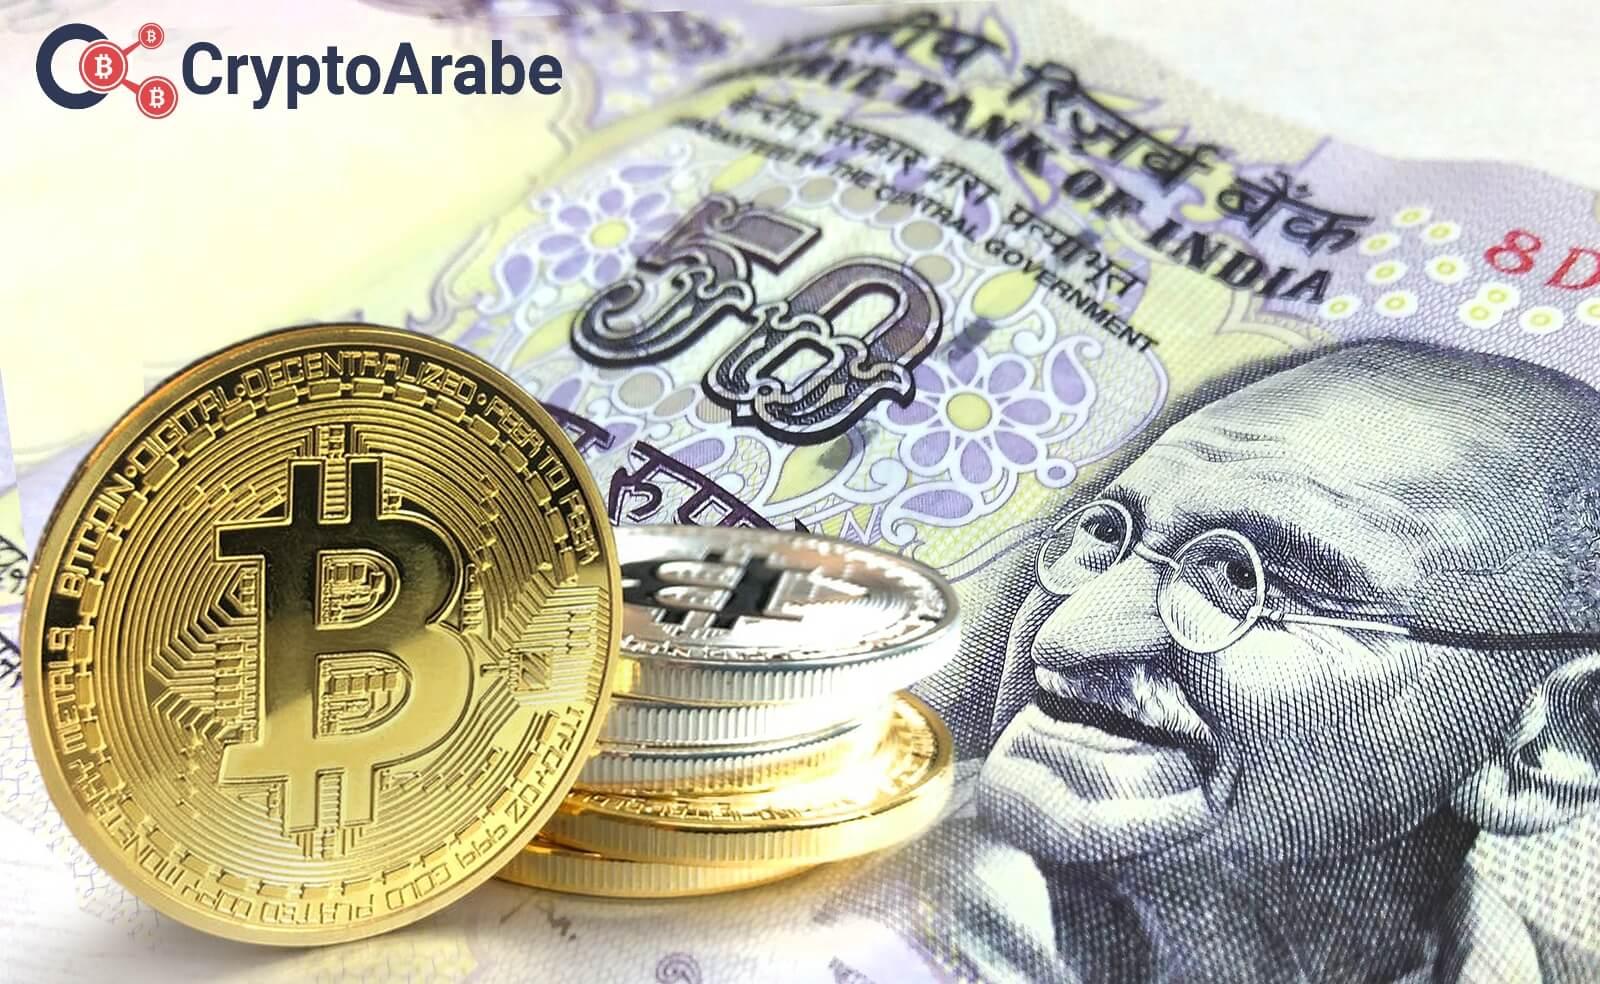 تجارة العملات الرقمية تضع لها الهند اخيرا مسودة لوائح وسيتم مناقشتها في شهر ديسمبر من هذا العام